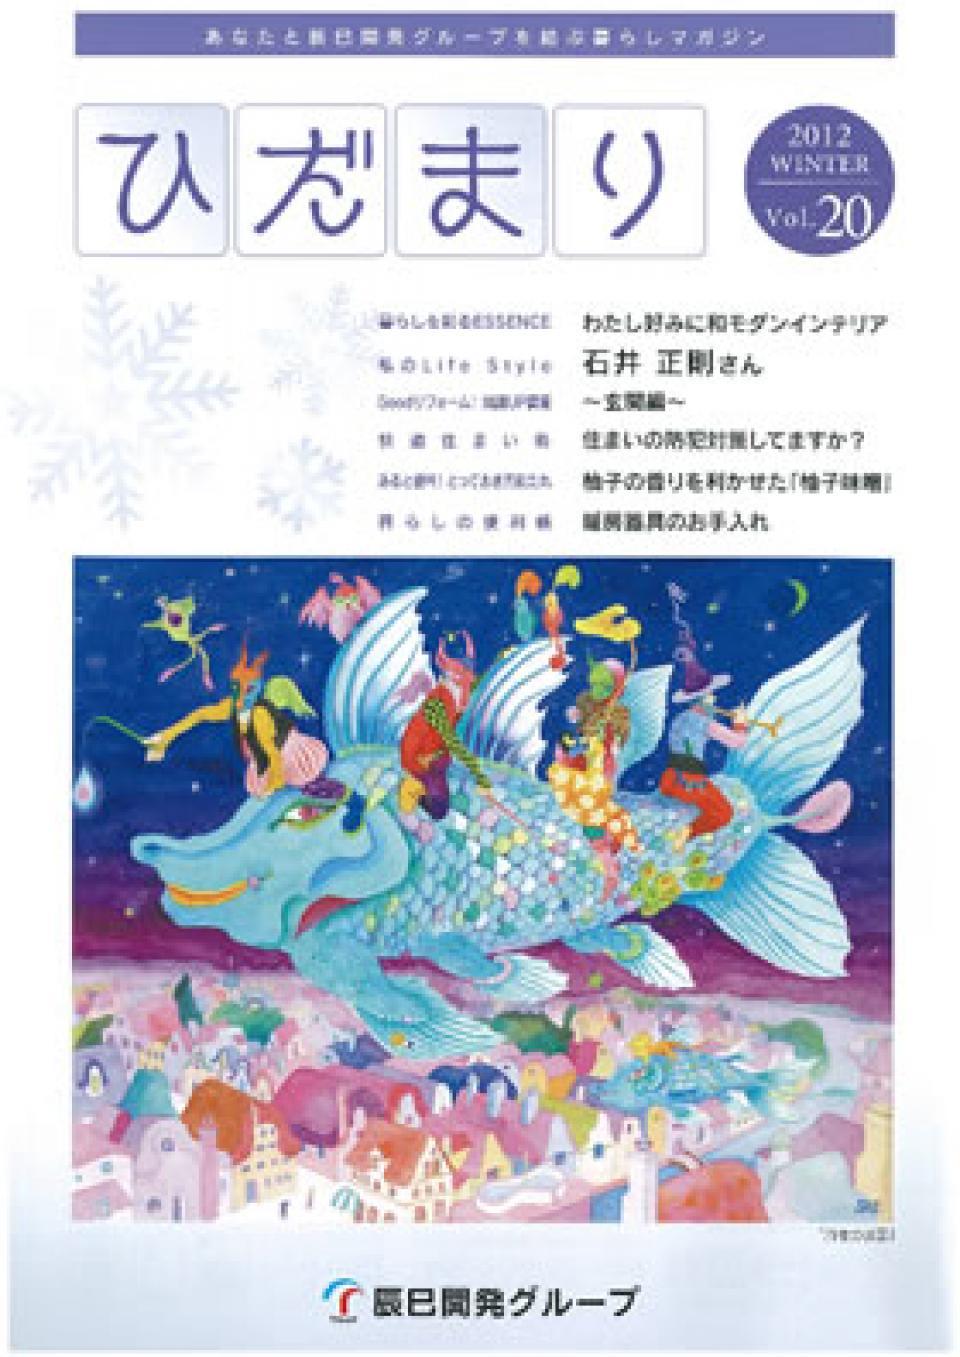 ひだまり 2012 Winter vol.20